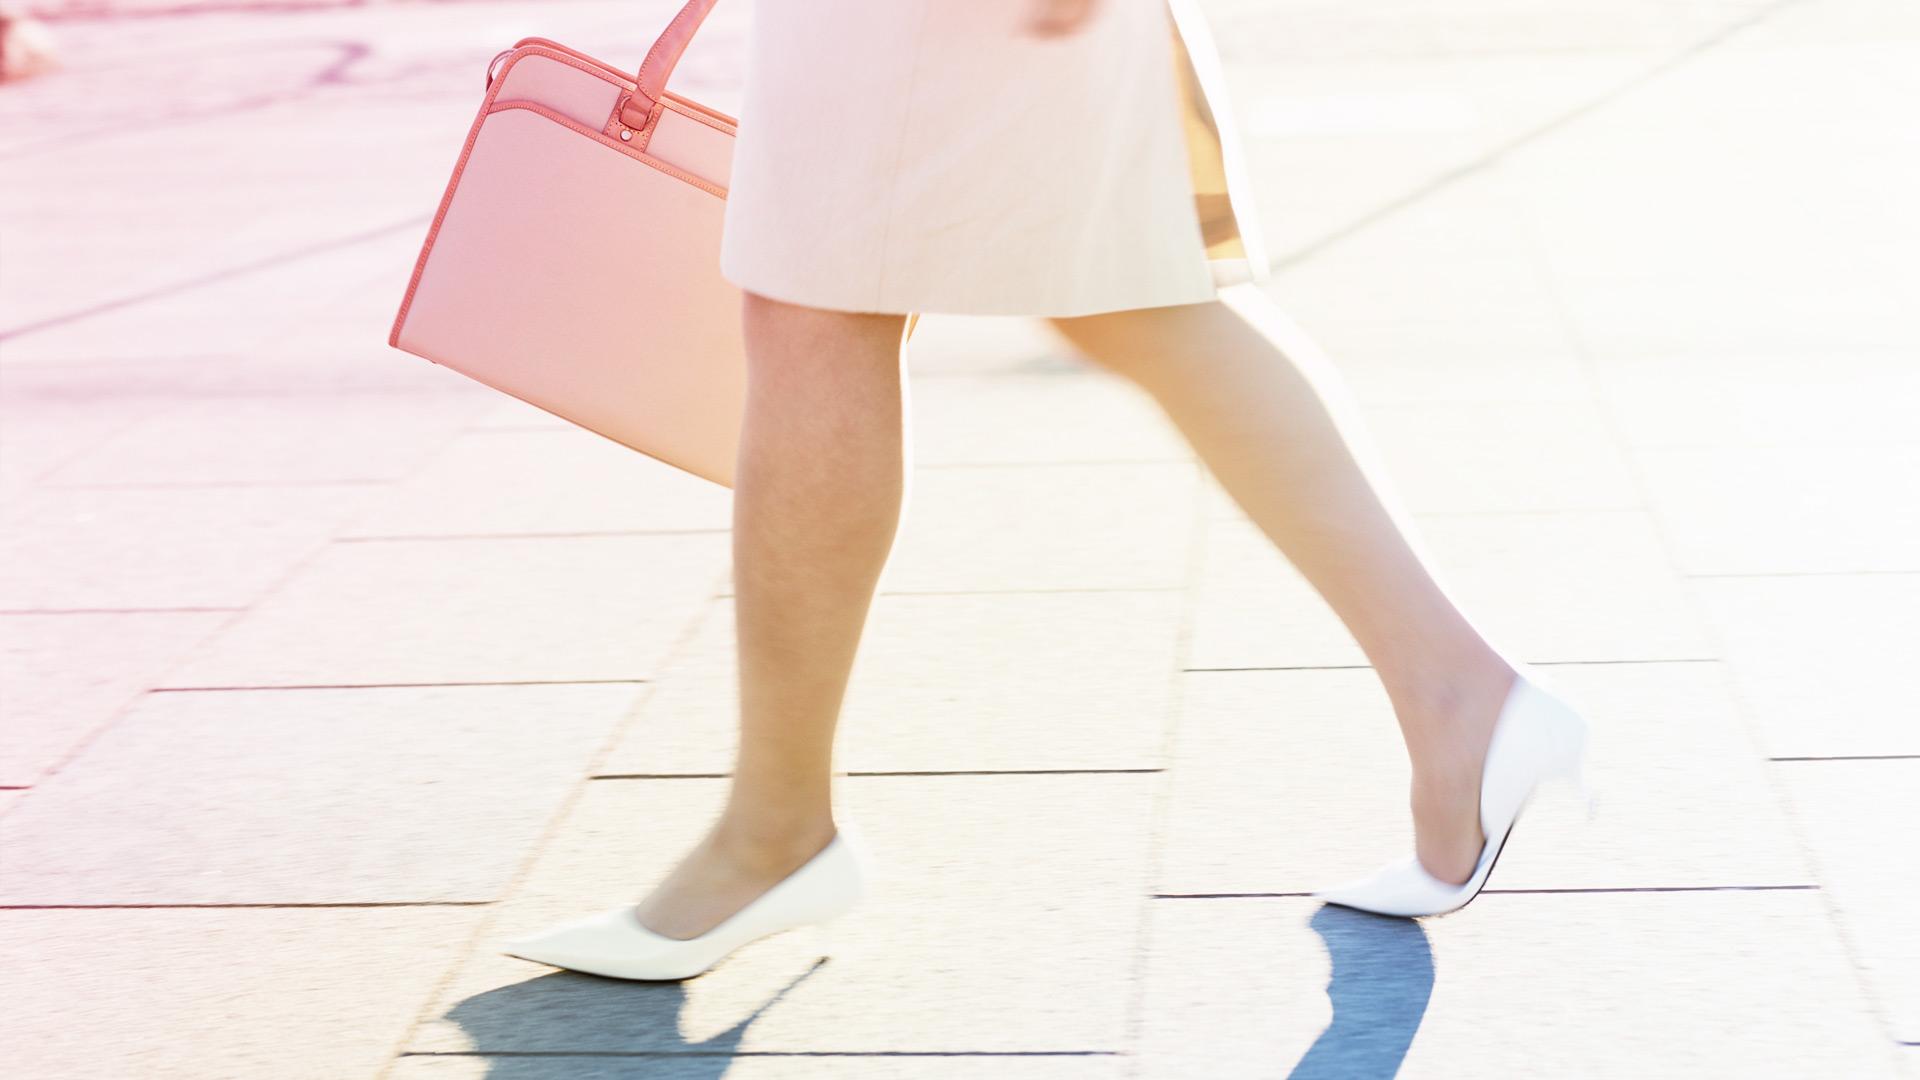 女性の足もと